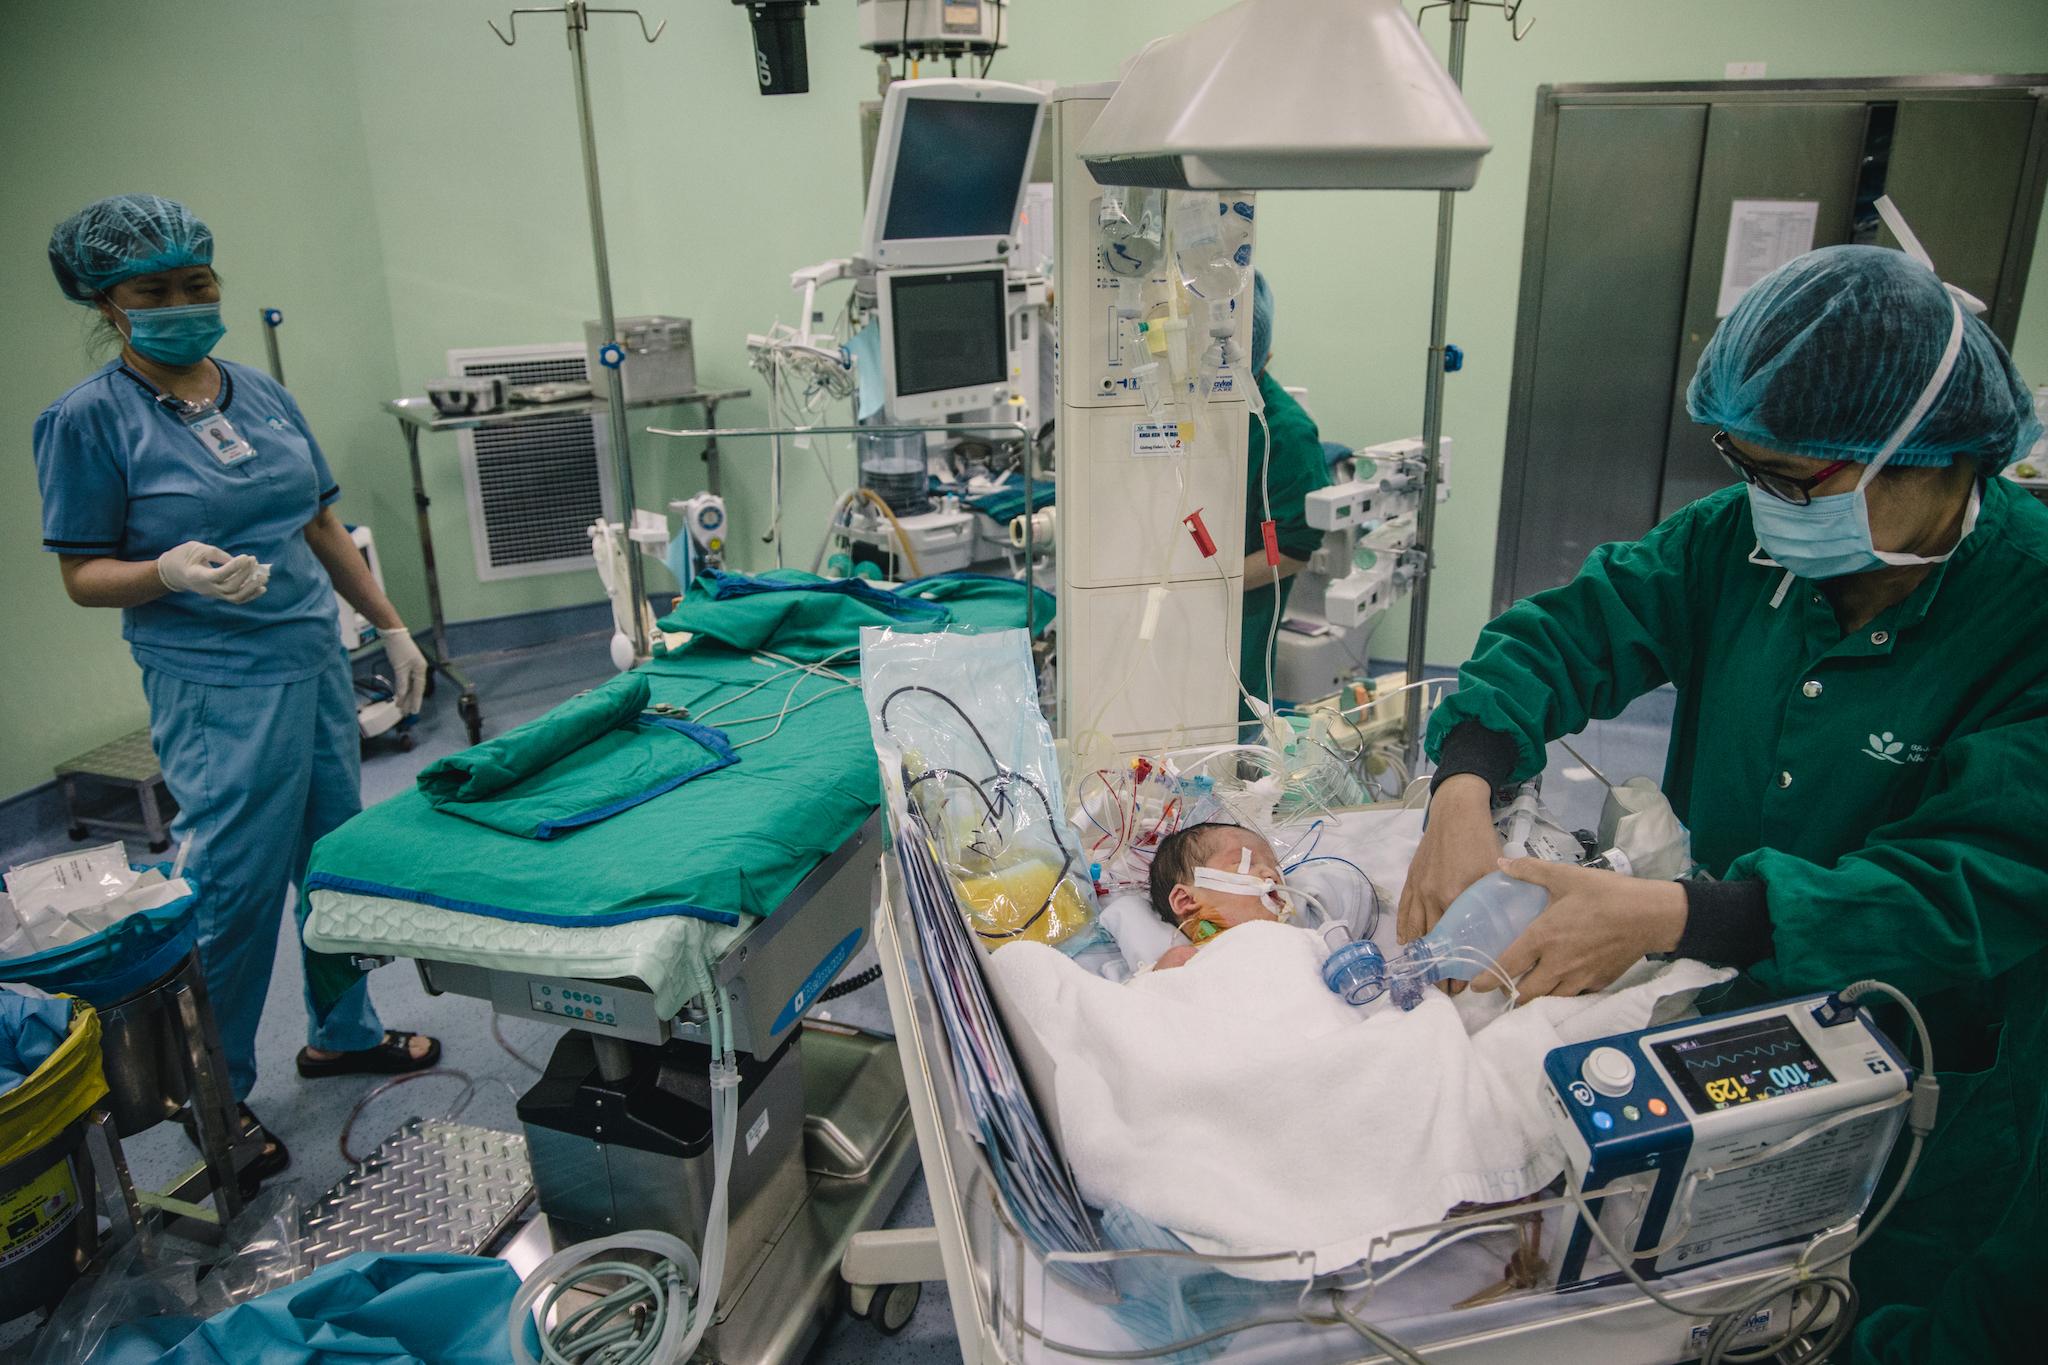 Lúc bác sỹ Trường mệt mỏi đi ra, anh Lượng đứng tim vì sợ rằng có tin xấu. Thế nhưng khi biếtcon trai được cứu sống, anh đã rớt nước mắt vì mừng. Có thể nói êkíp của bác sỹ Trường và đồng nghiệp như những người cha, người mẹ đã sinh ra bé một lần nữa.(Ảnh: Minh Sơn/Vietnam+)